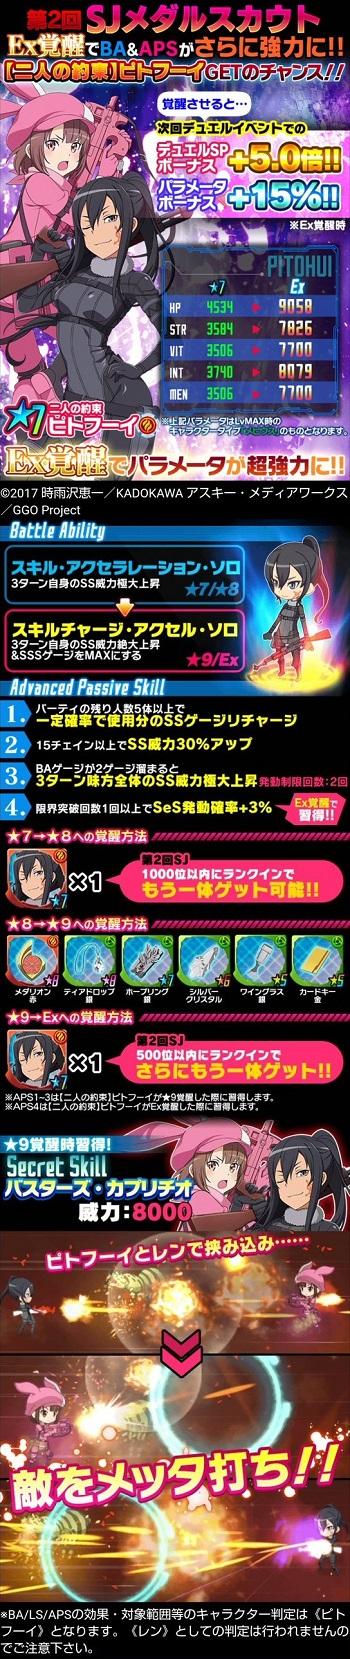 第2回SJメダルスカウト開催!★7ピトフーイが登場!Extremeに覚醒可能!